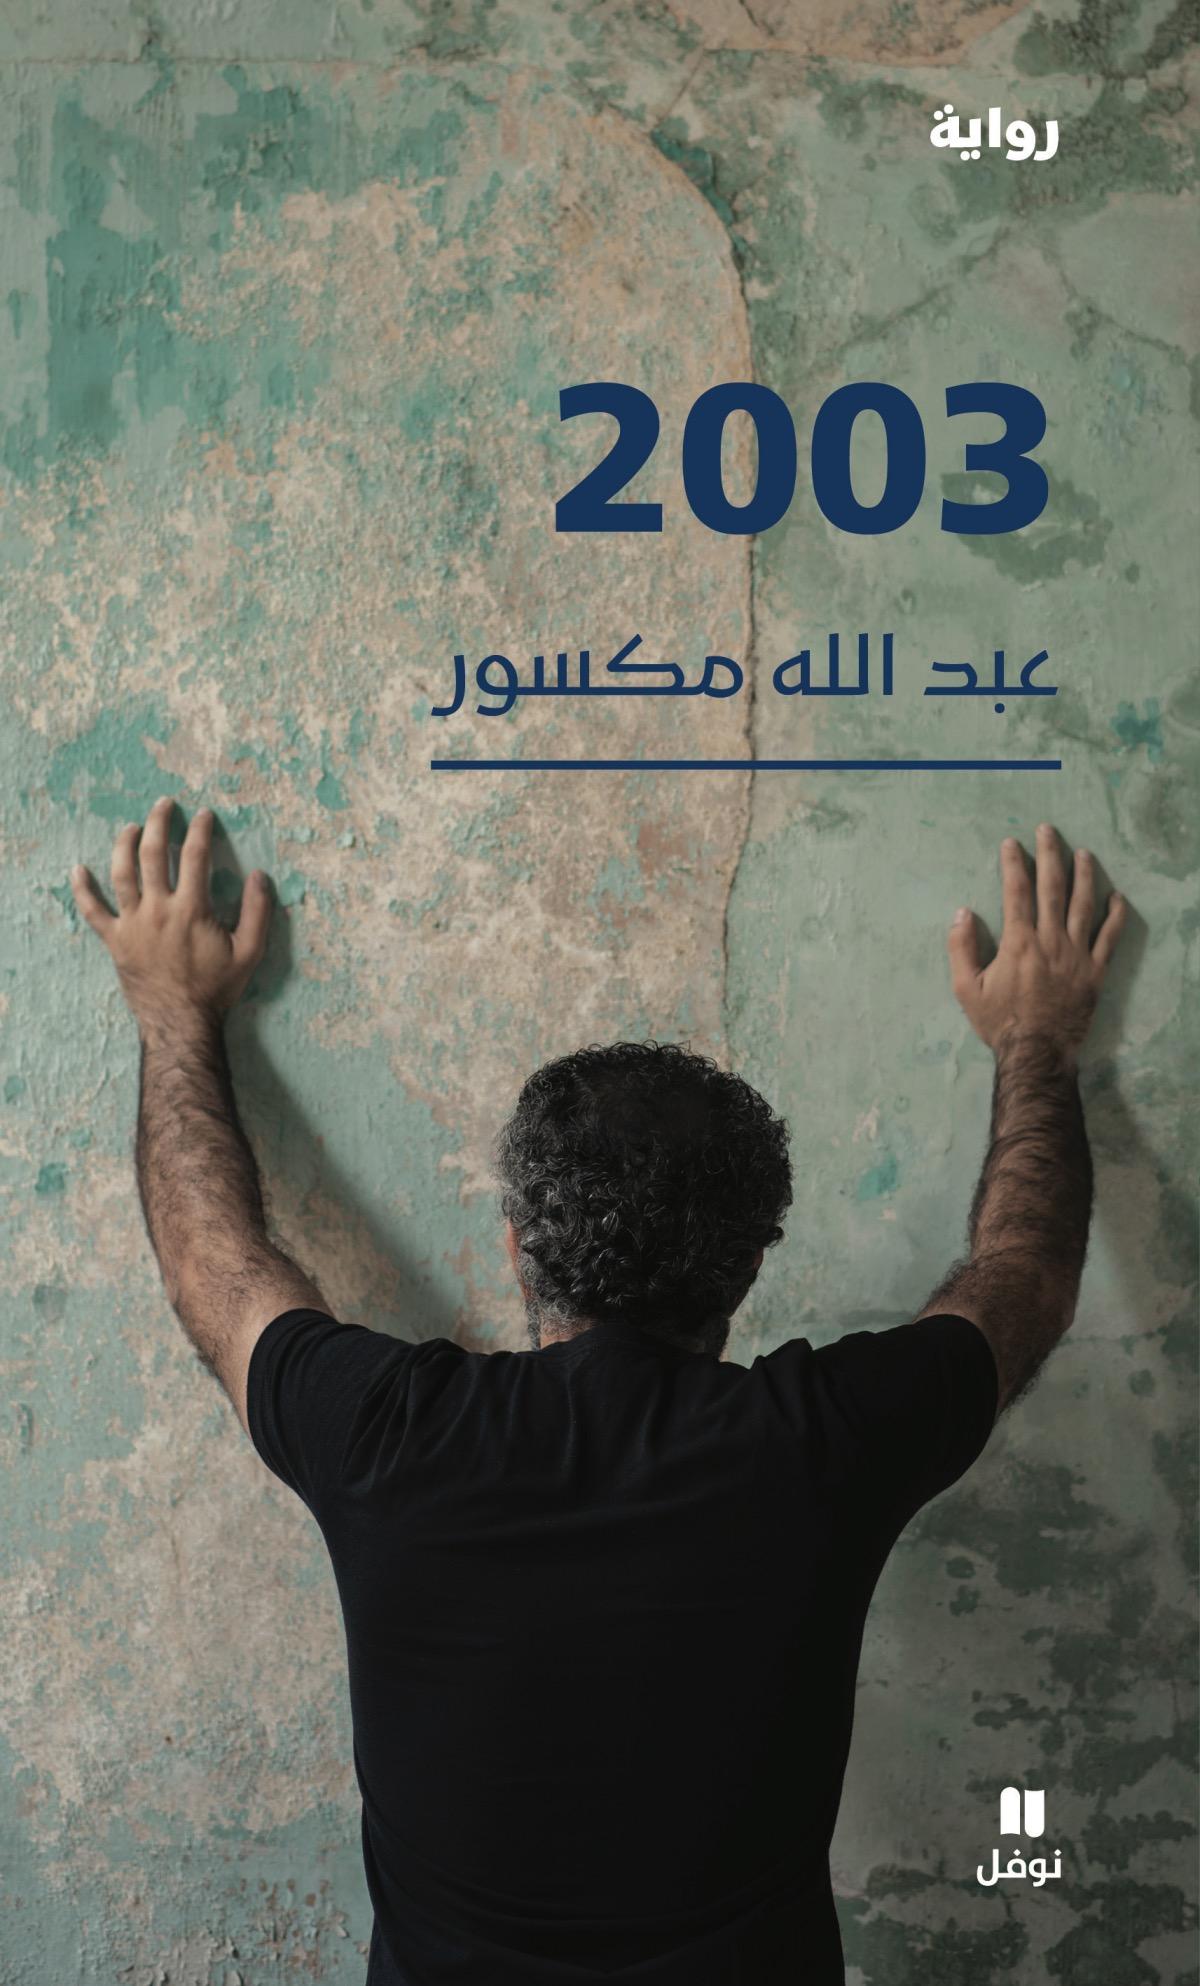 فصل من رواية «2003» لعبد الله مكسور